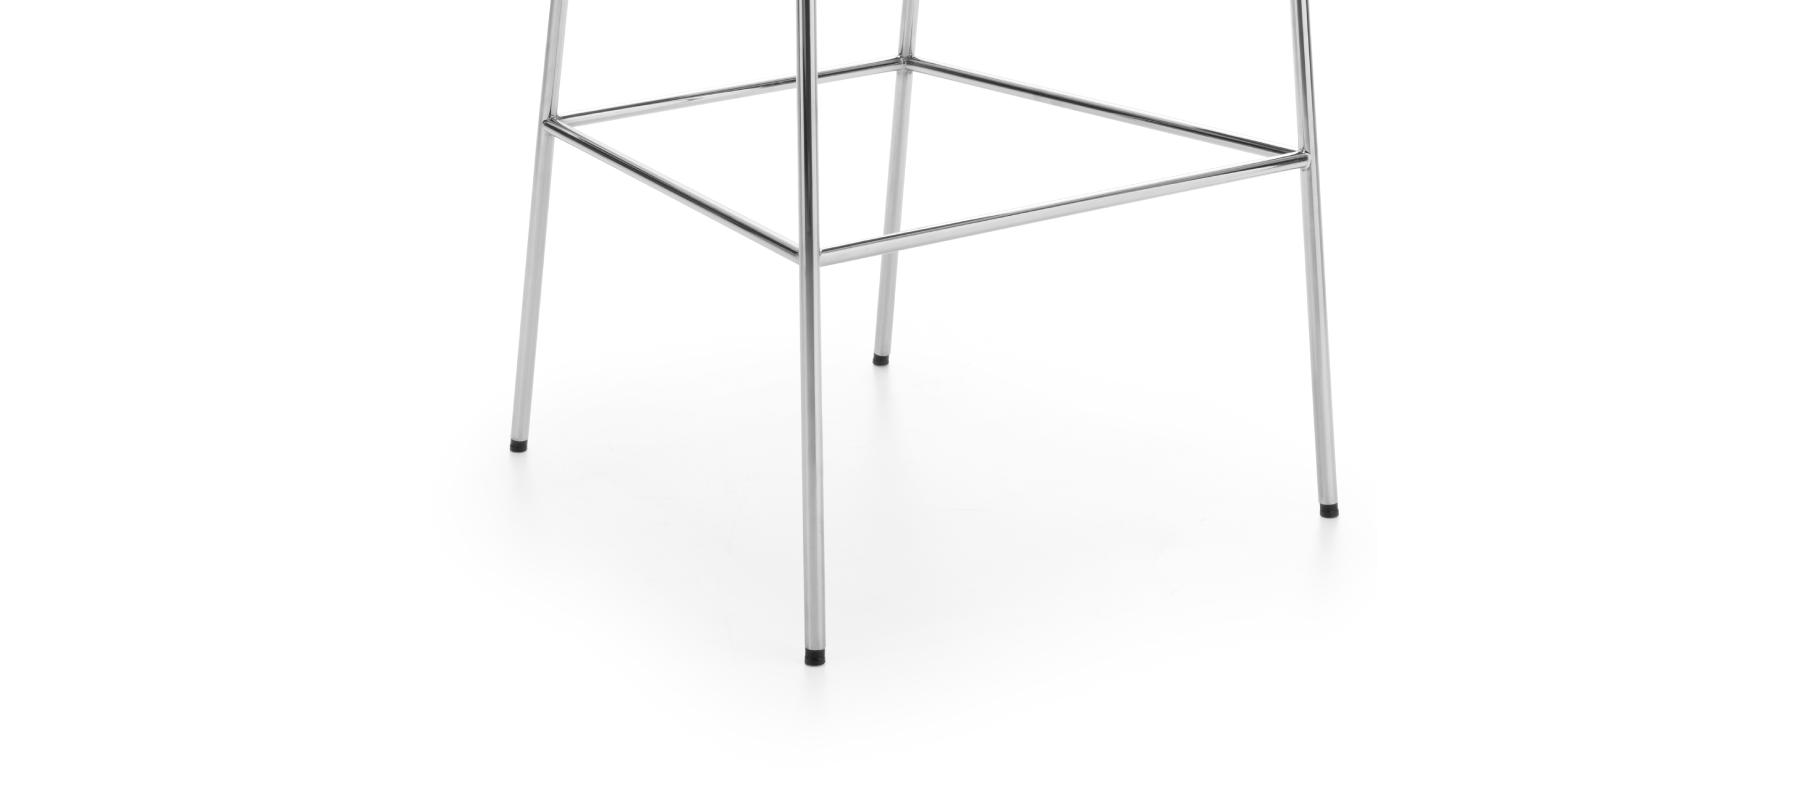 krzesła stacjonarne chic detale - 03